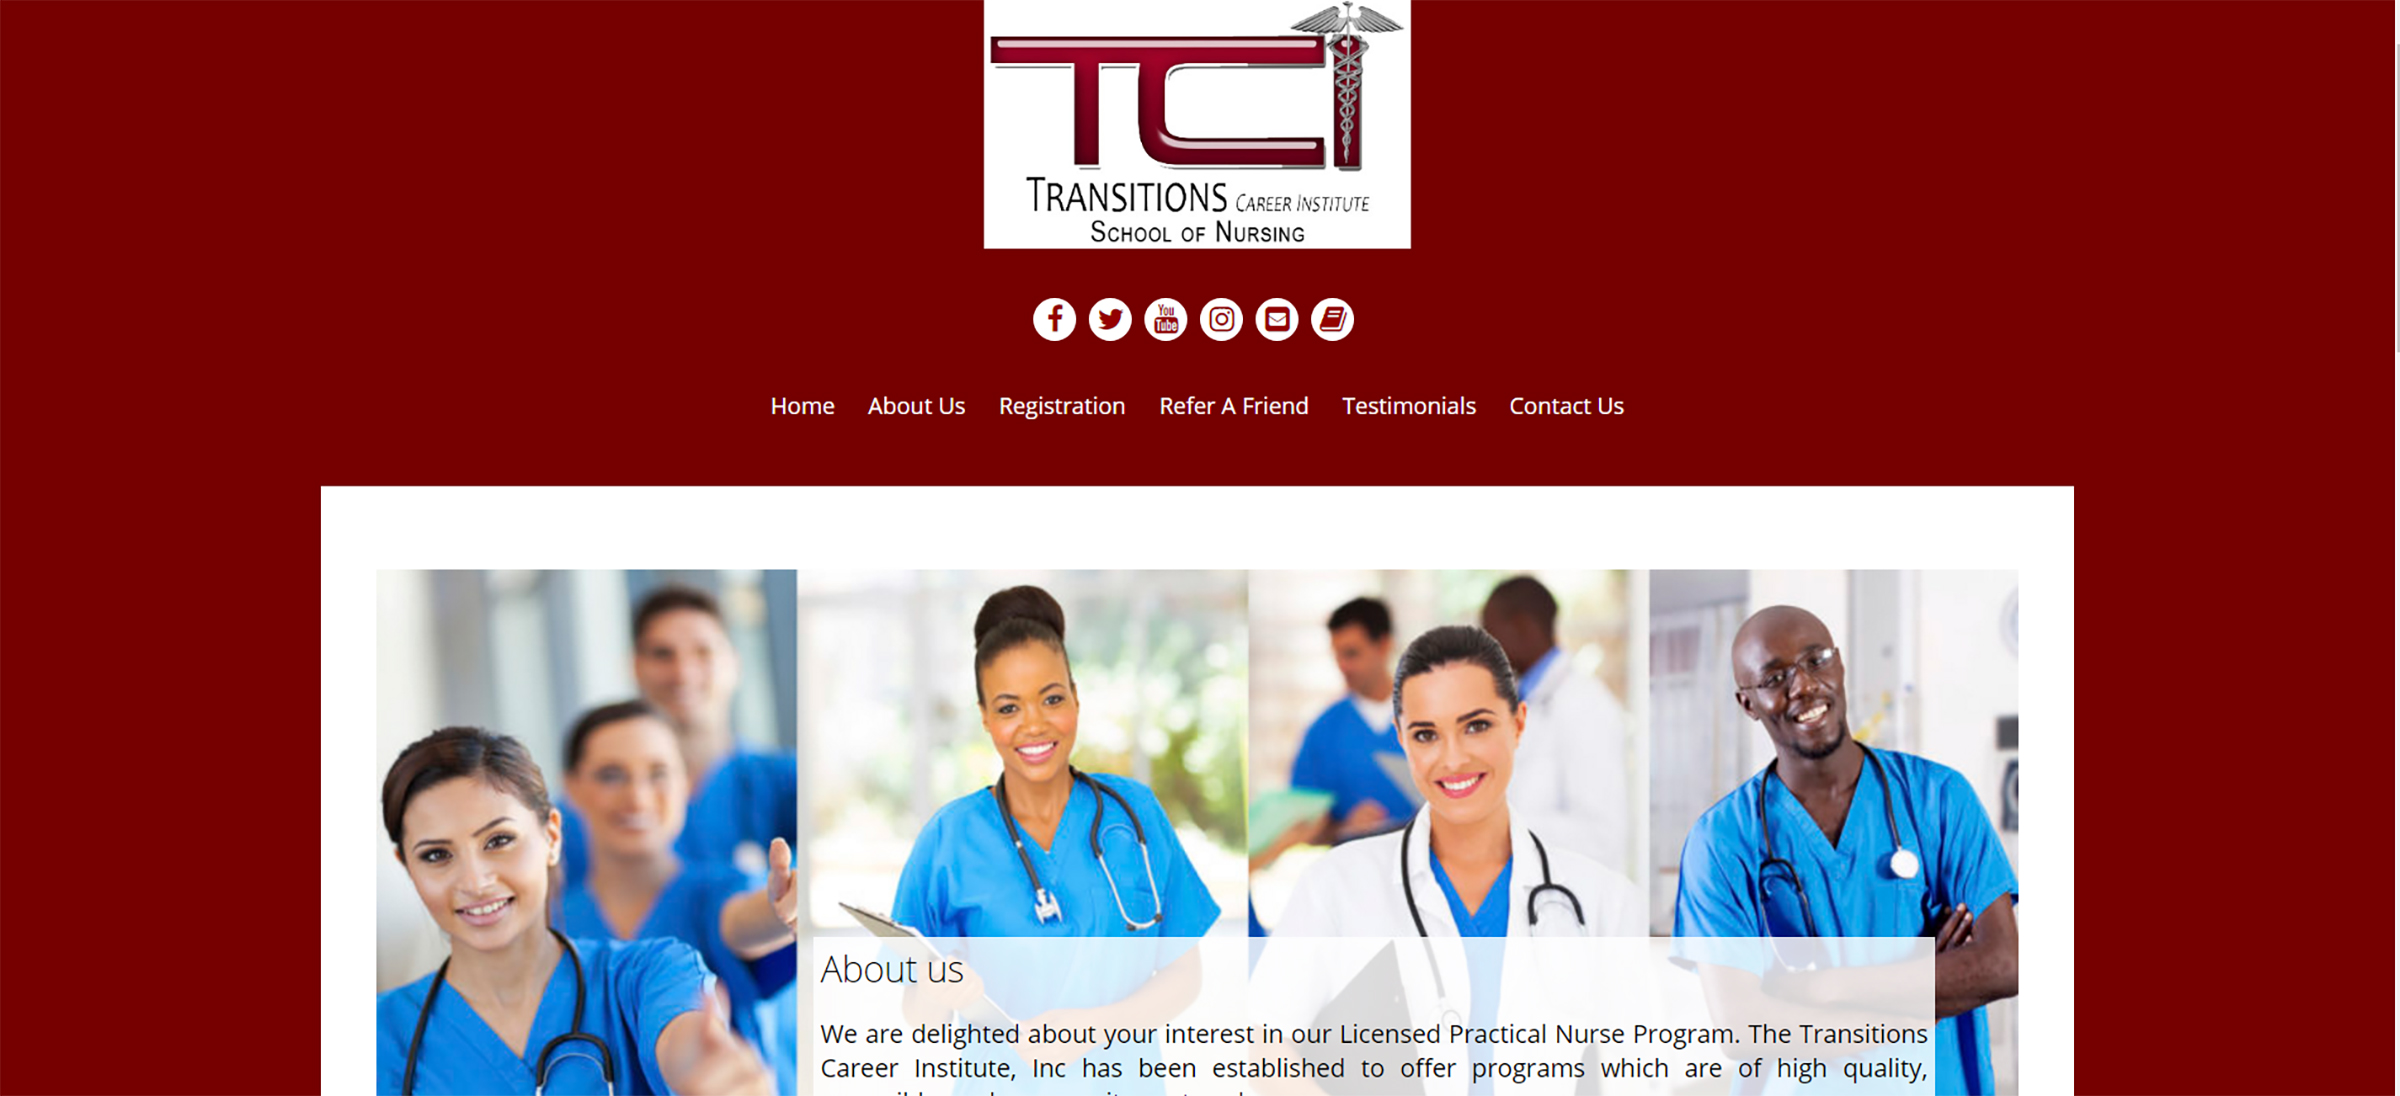 Transitions Career Institute School of Nursing